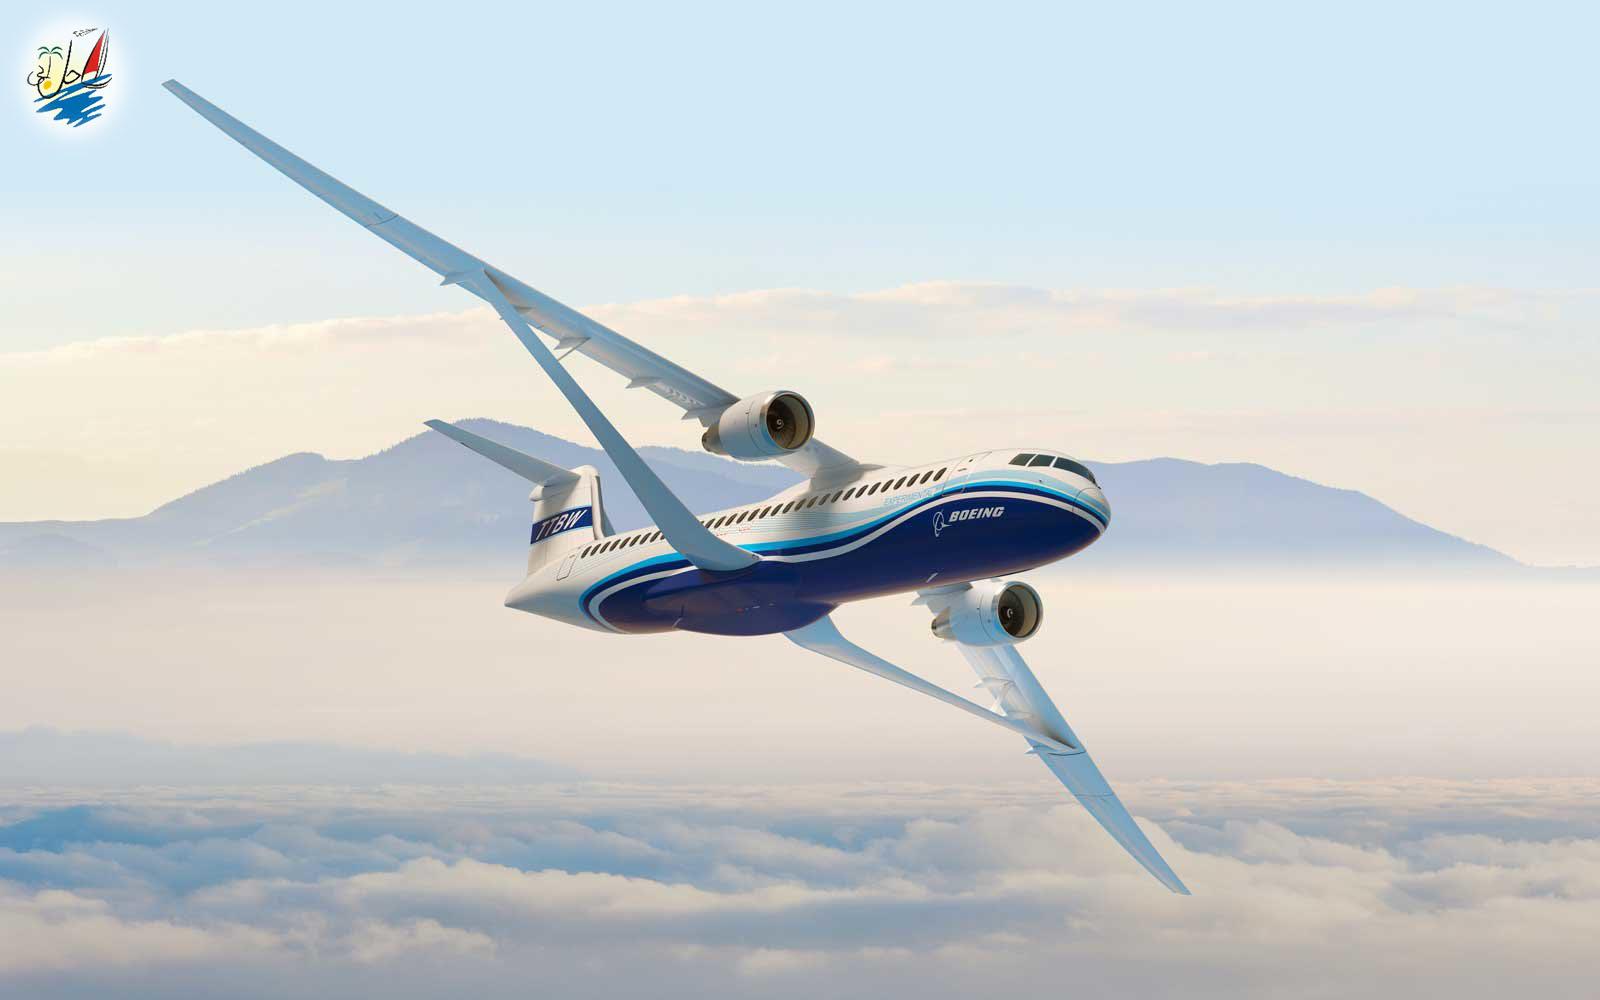 خبر بوئینگ و ناسا در حال کار روی بال های هواپیما برای افزایش سرعت آنها